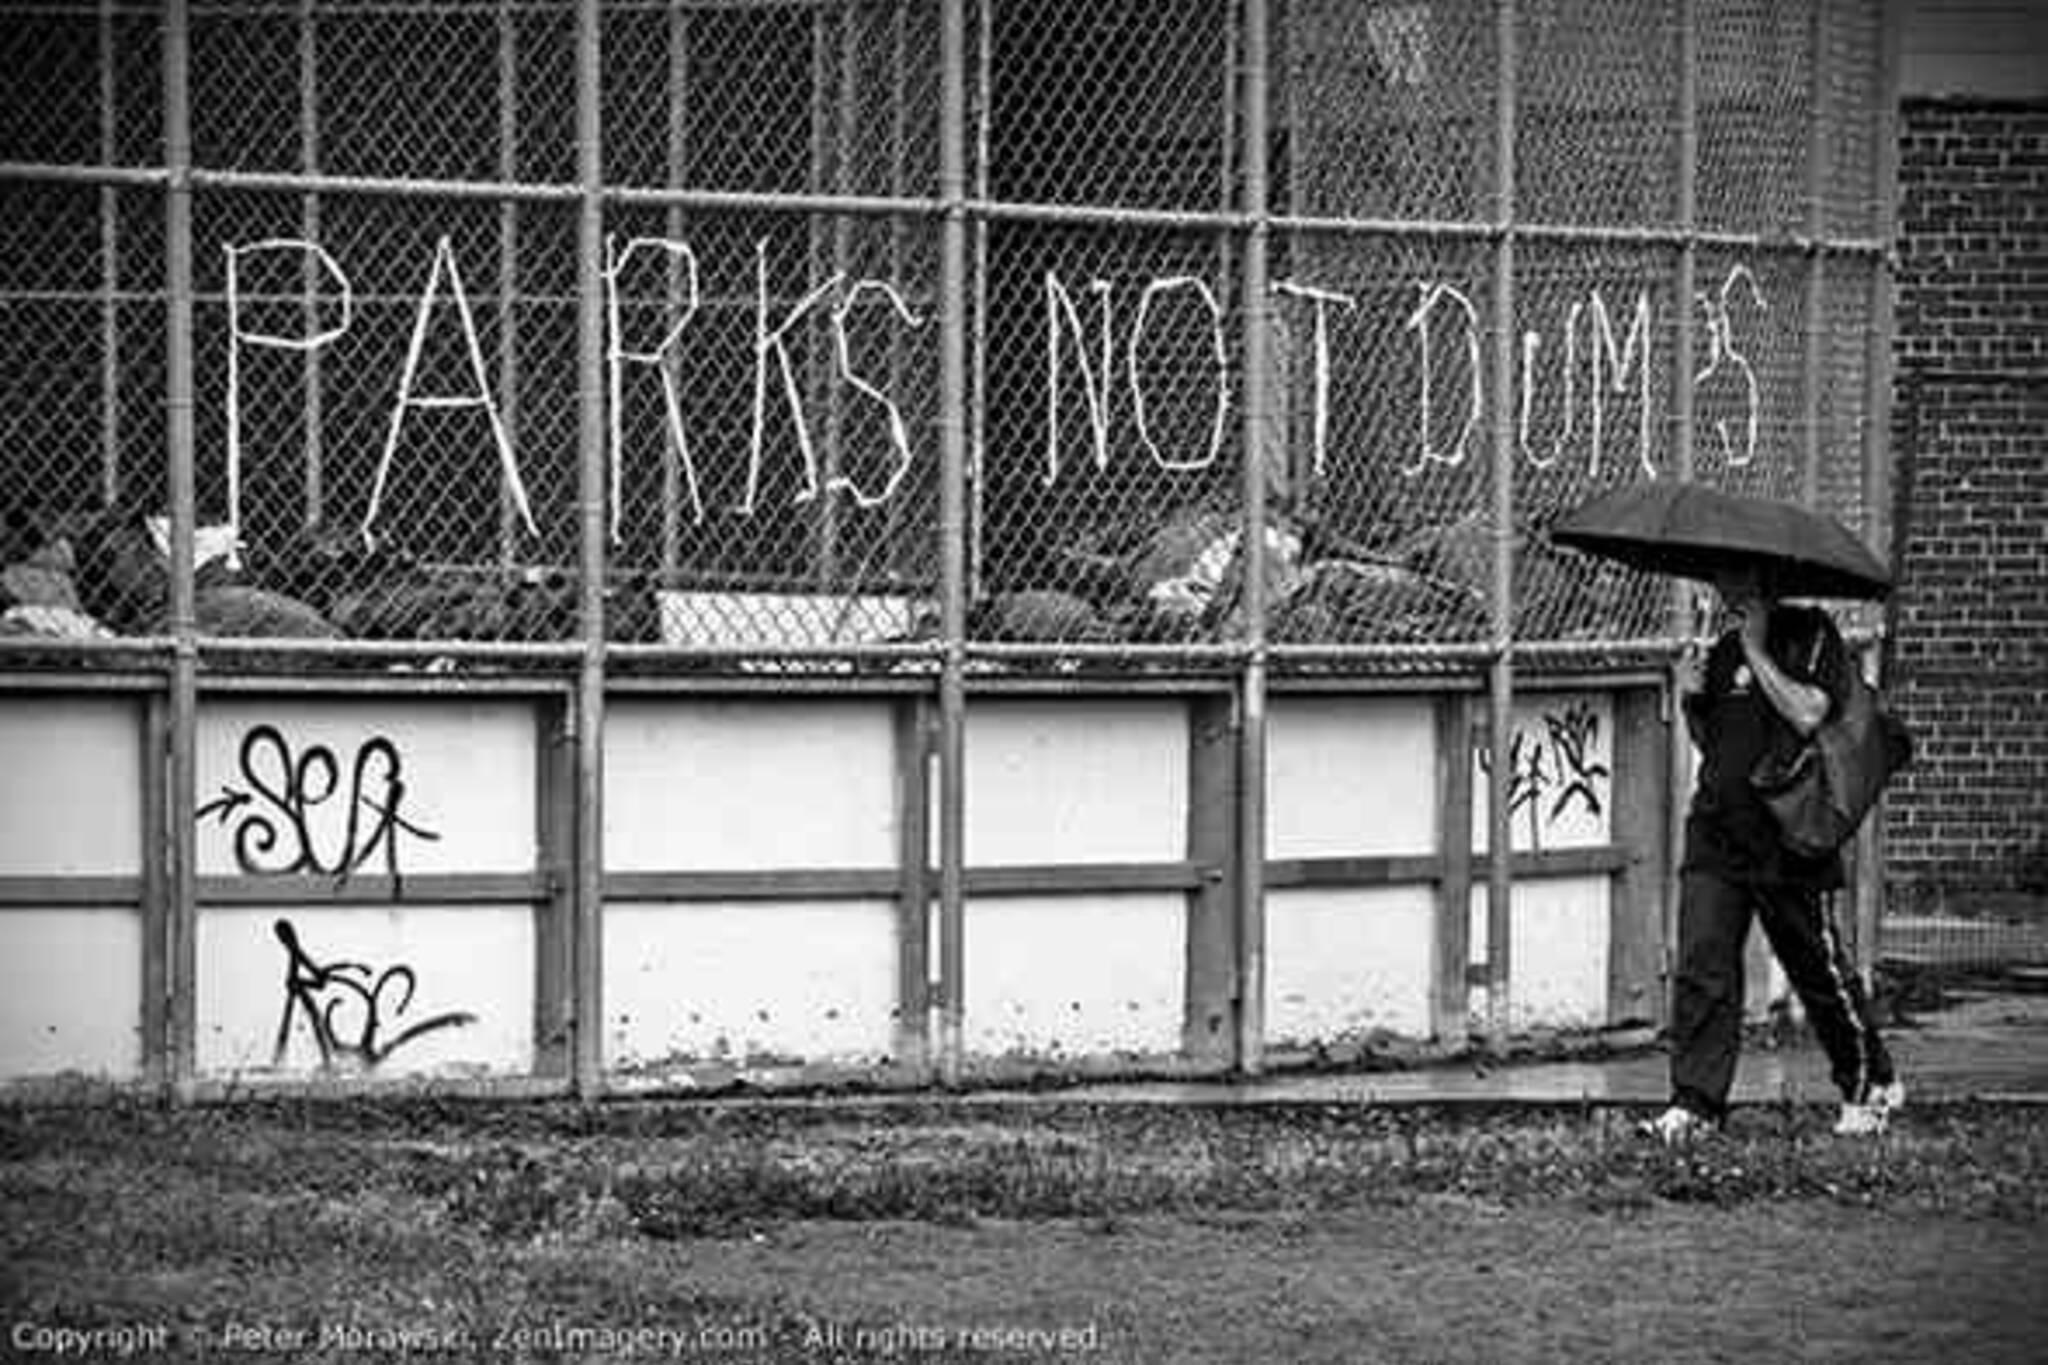 Parks Not Dumps